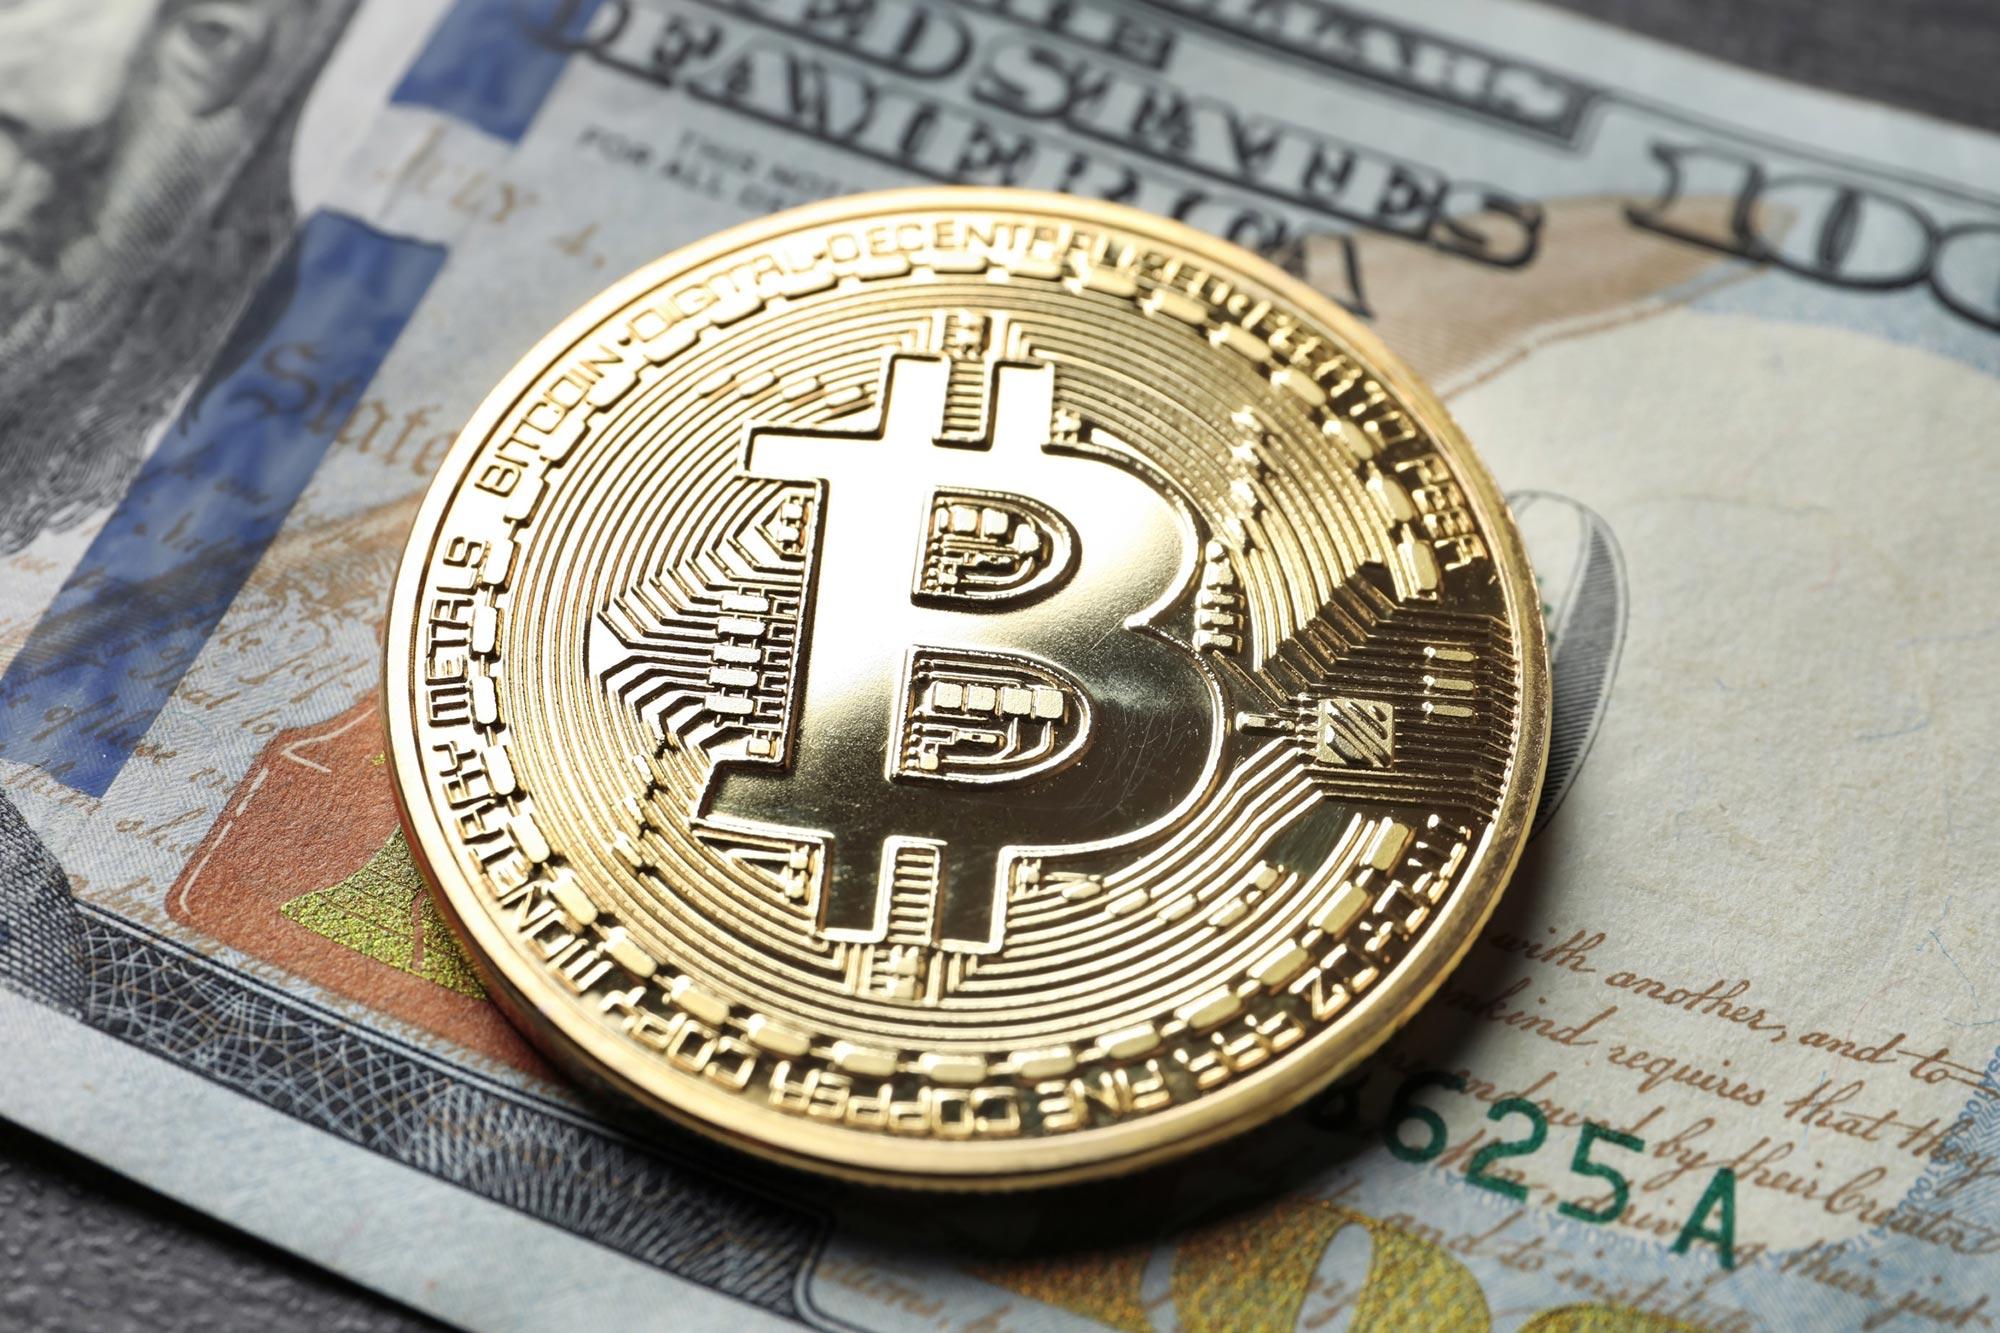 Quốc gia đầu tiên trên thế giới chấp nhận Bitcoin làm phương tiện thanh  toán hợp pháp - Nhịp sống kinh tế Việt Nam & Thế giới